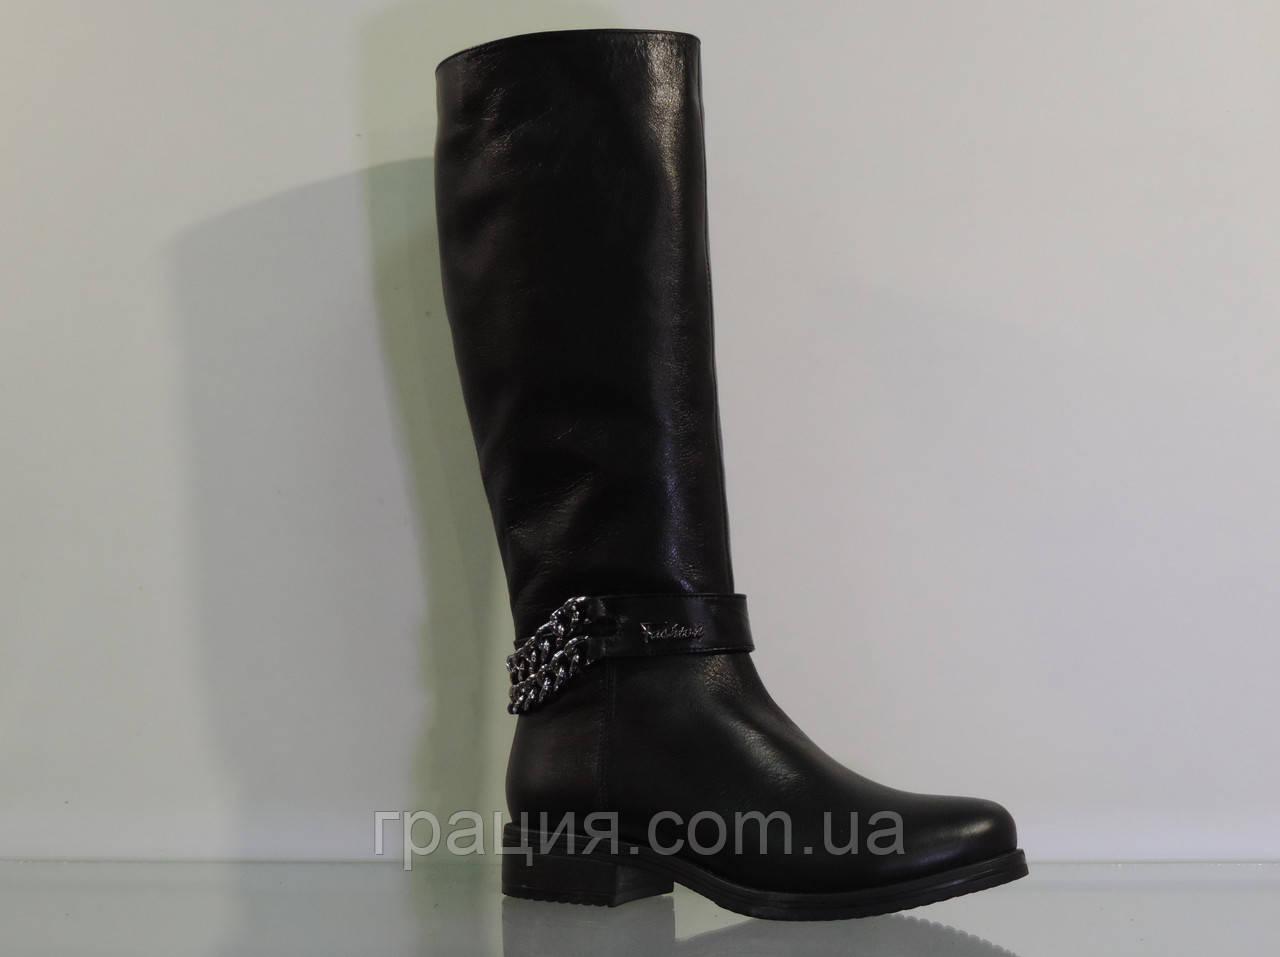 Молодіжні зимові шкіряні чобітки з ланцюжком